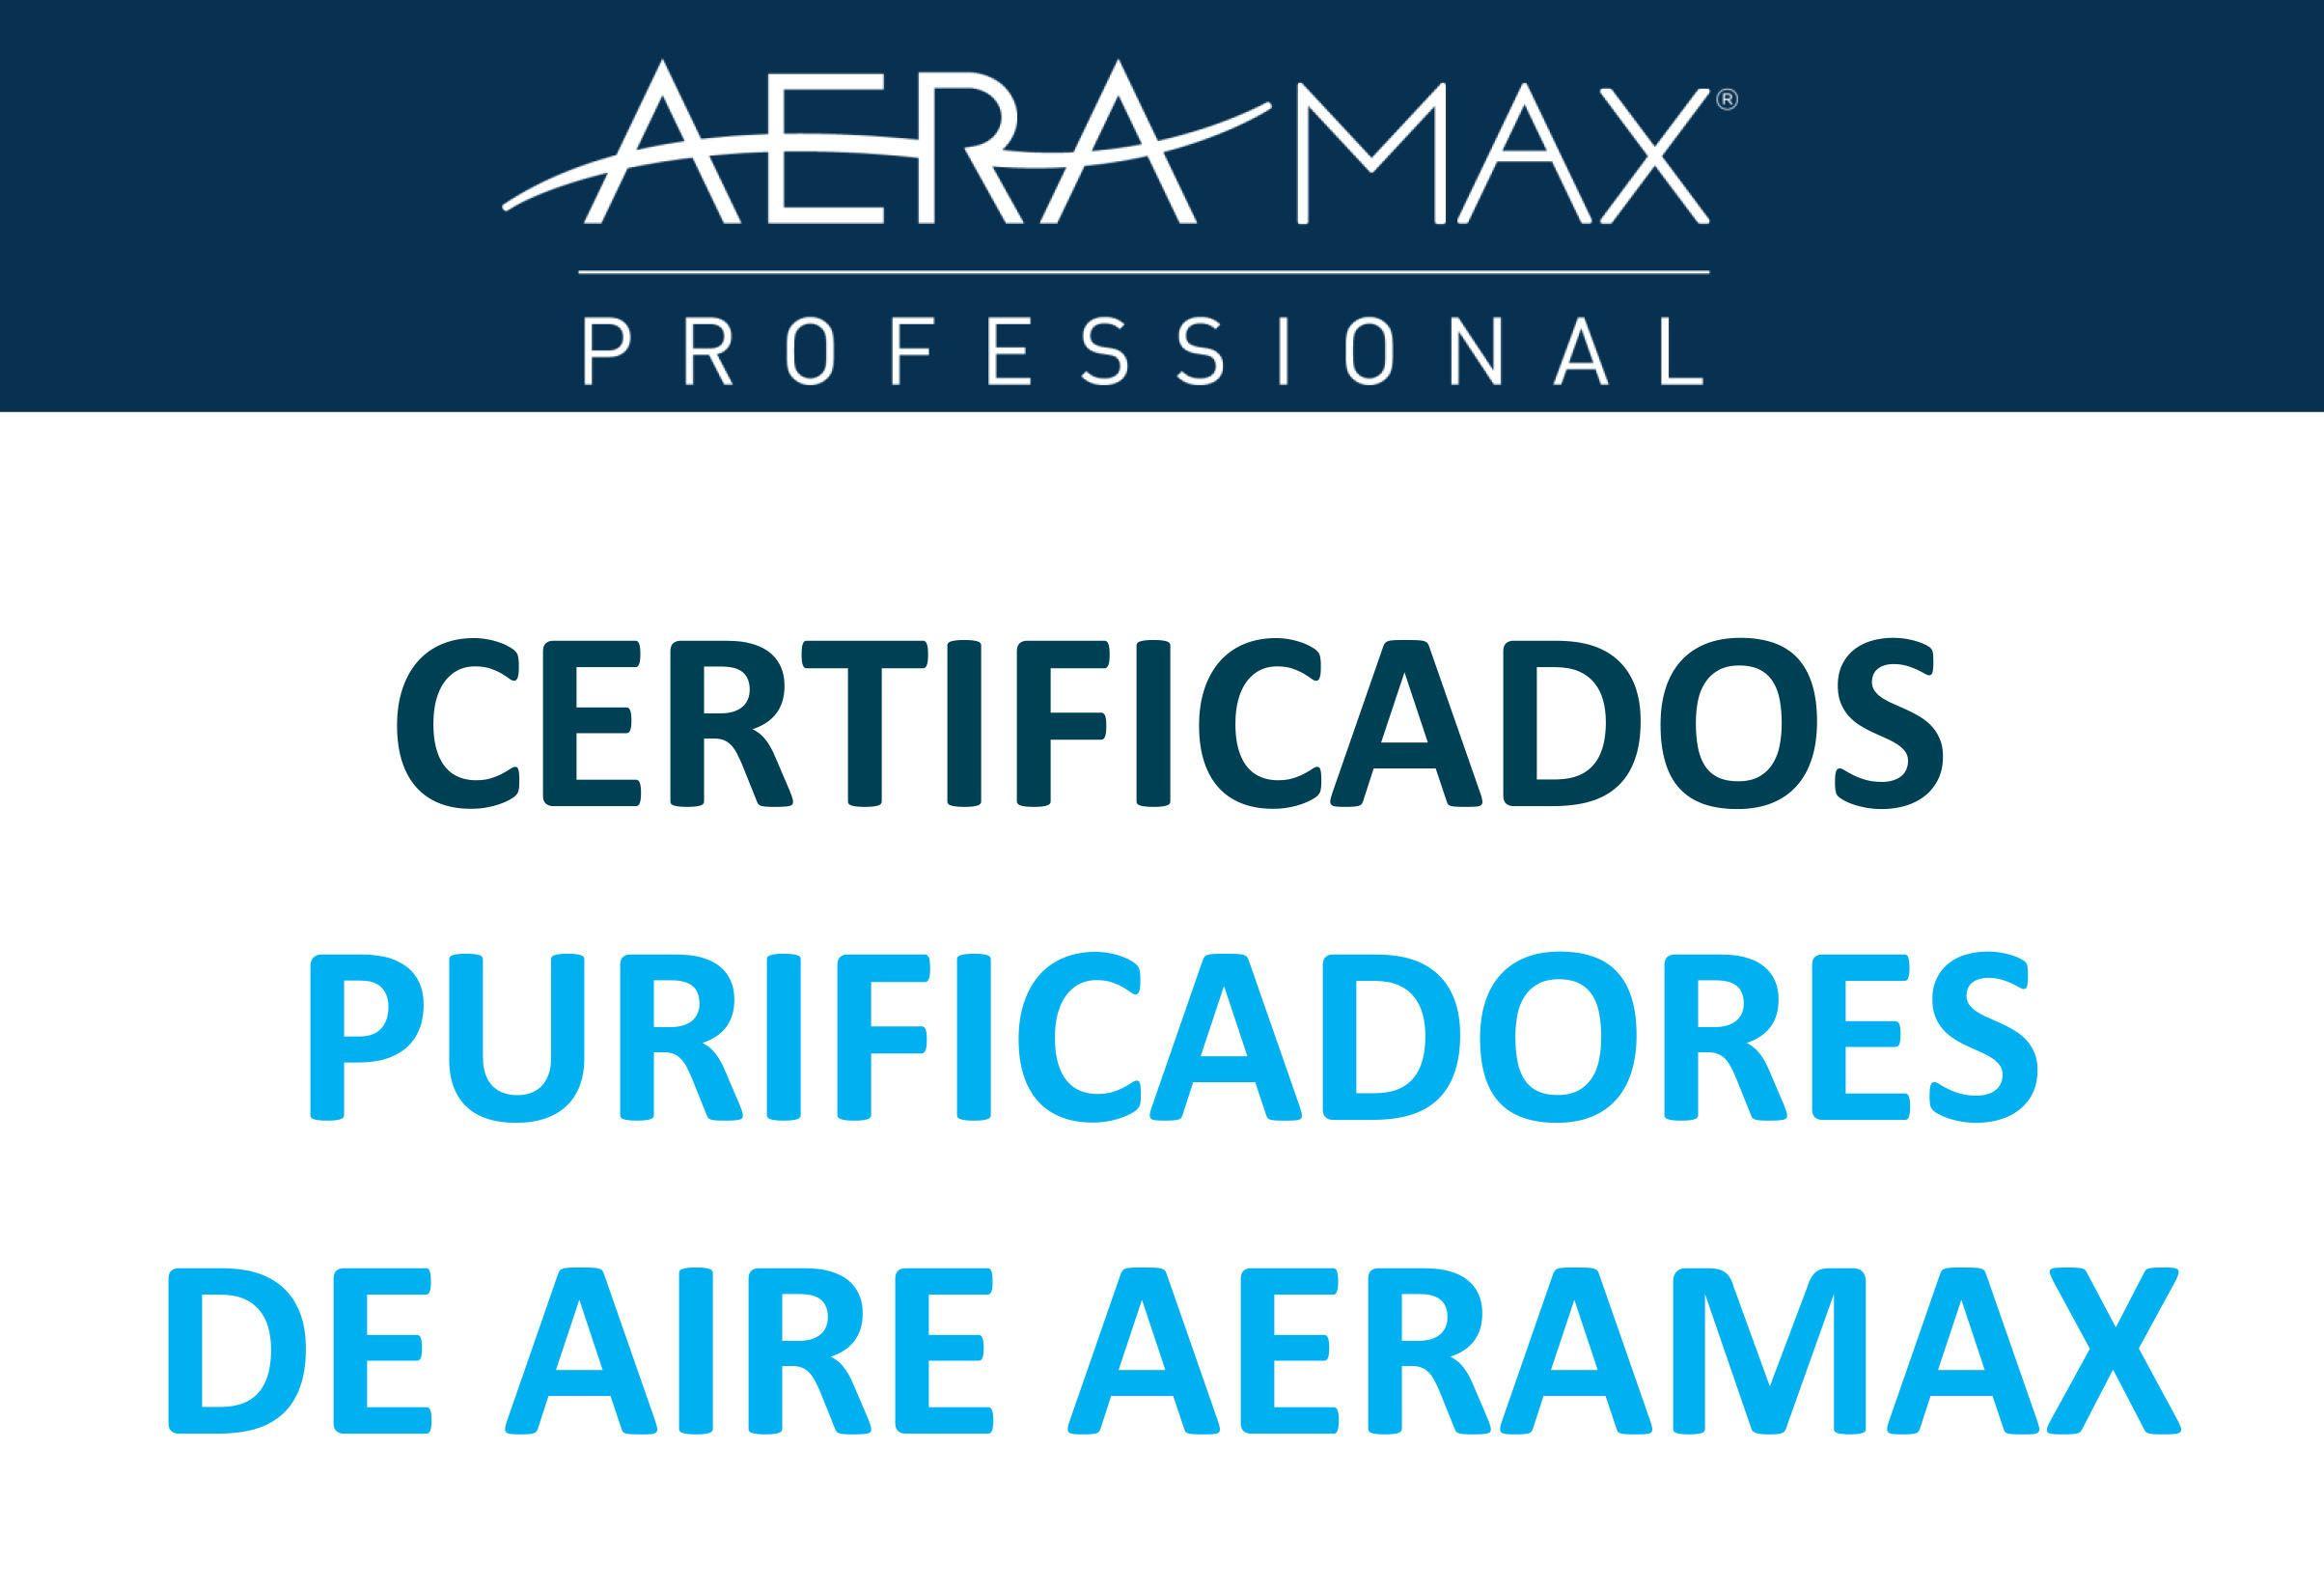 Purificadores de Aire; Aeramax; Fellowes; calidad del aire interior, filtros hepa